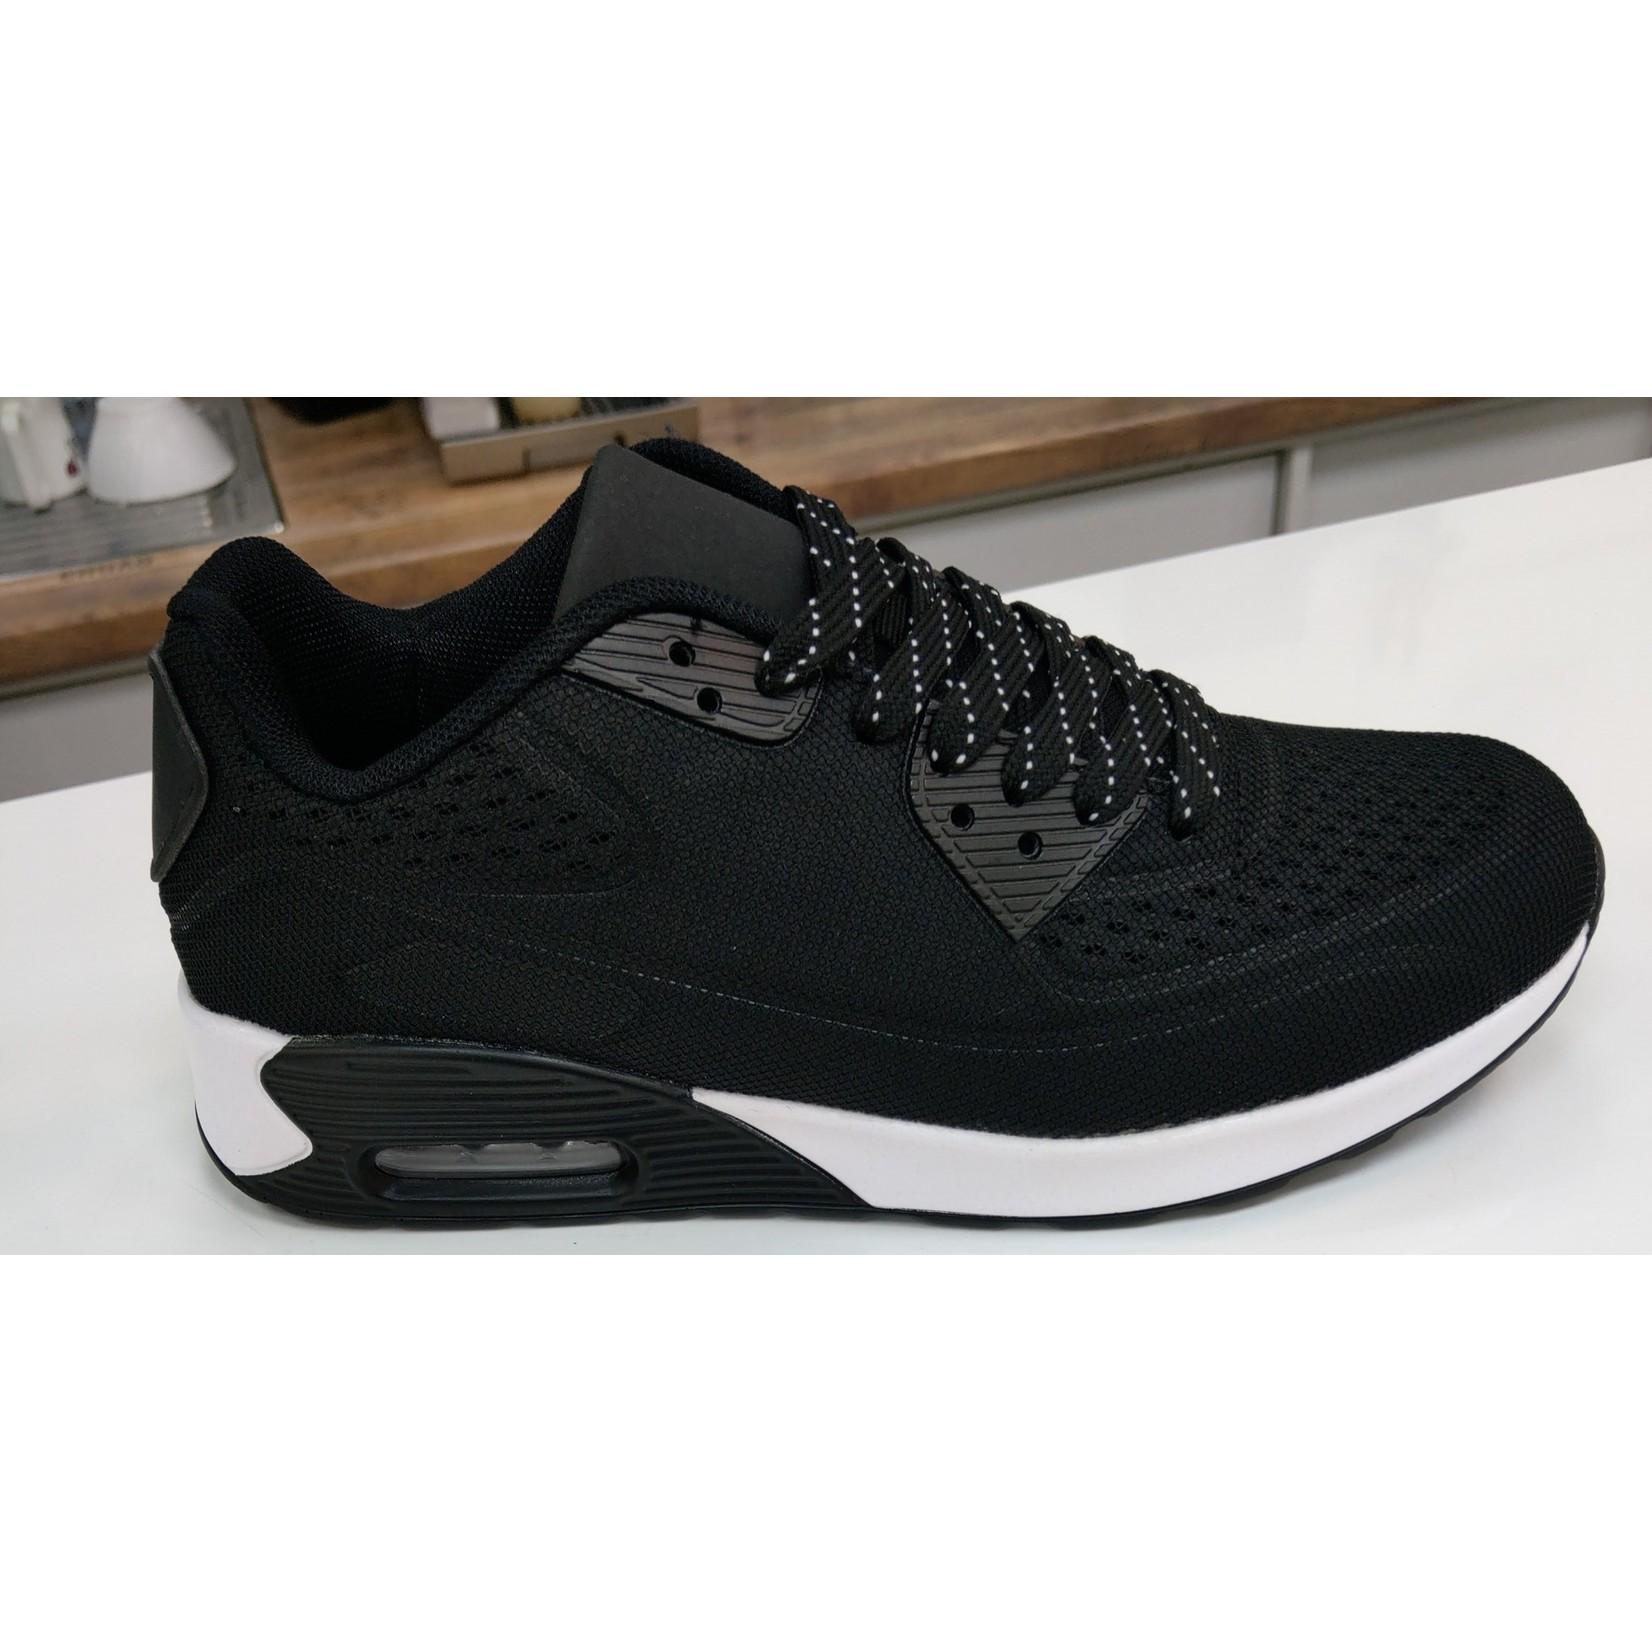 Sportieve Sneaker Zwart/Wit 2